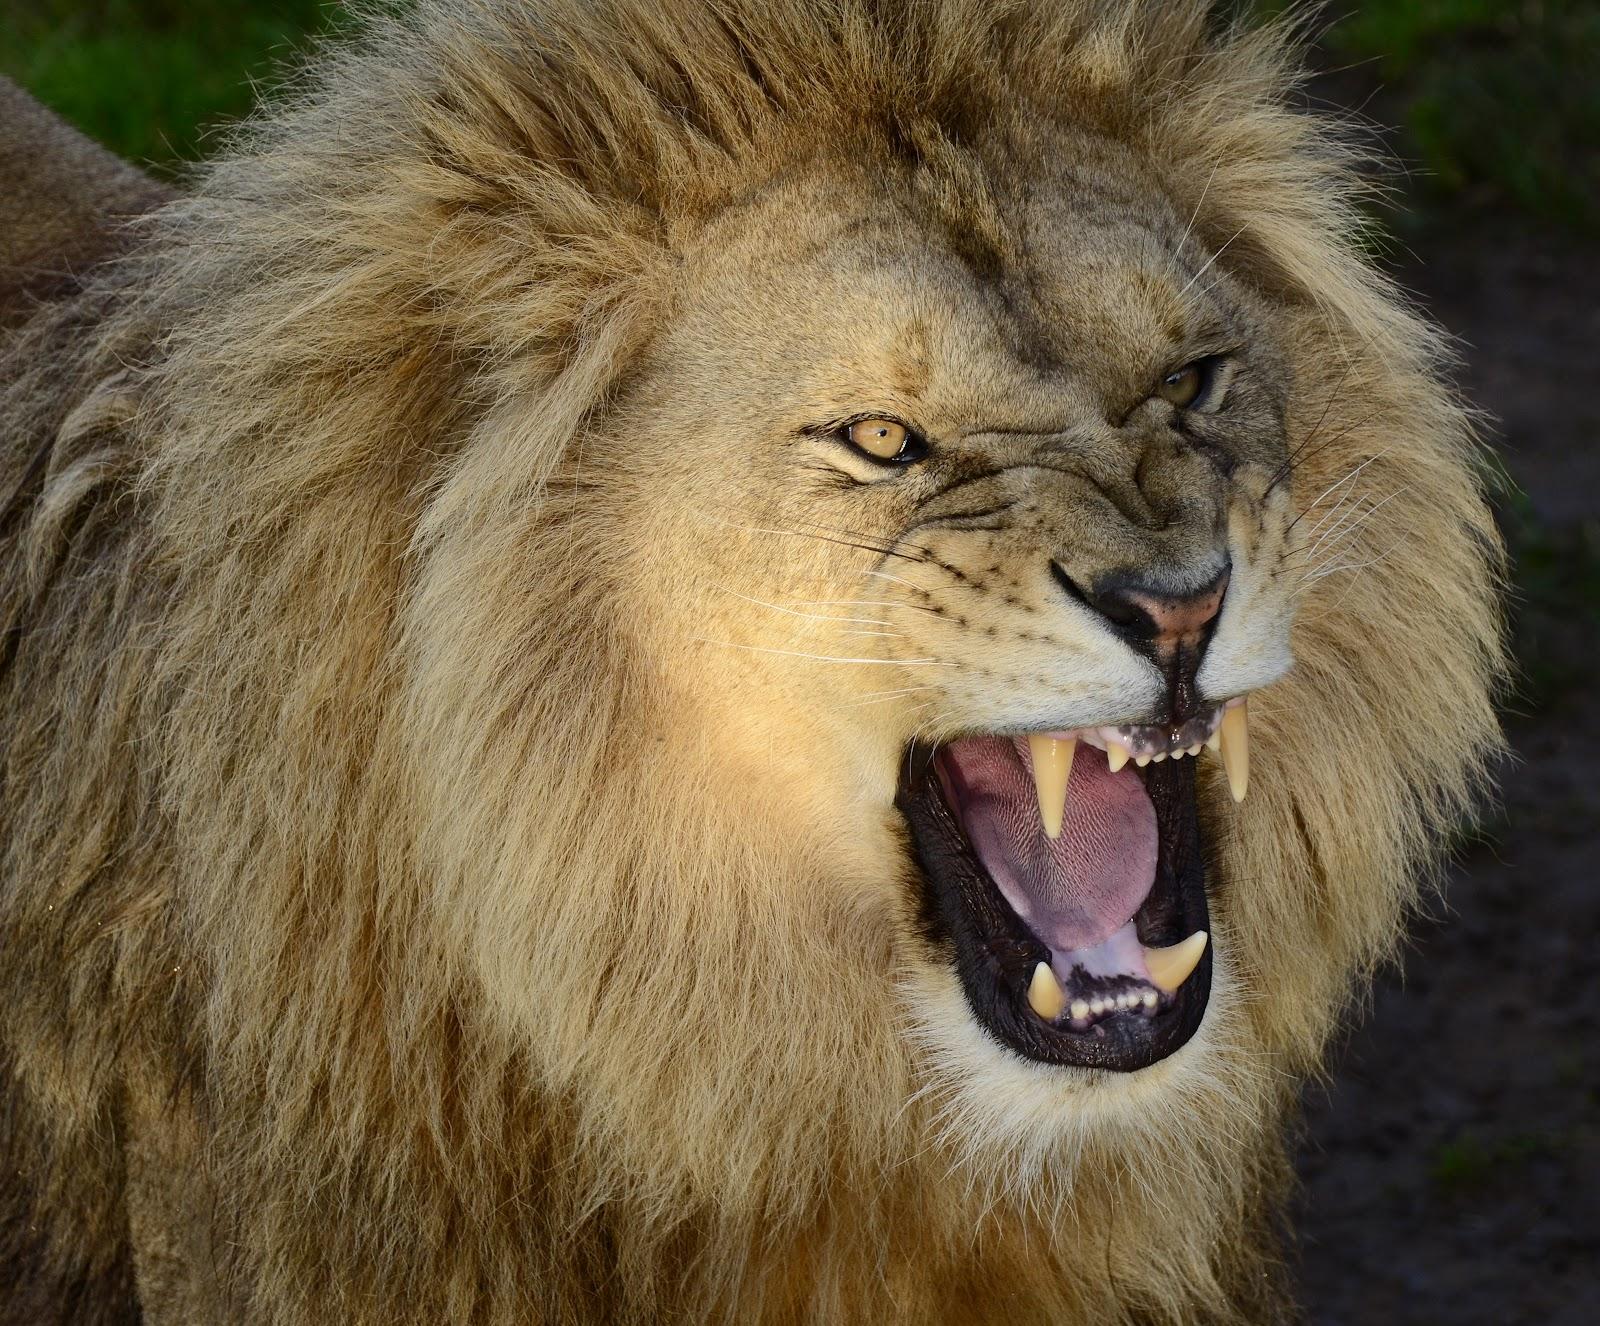 Lion side view face roar - photo#19